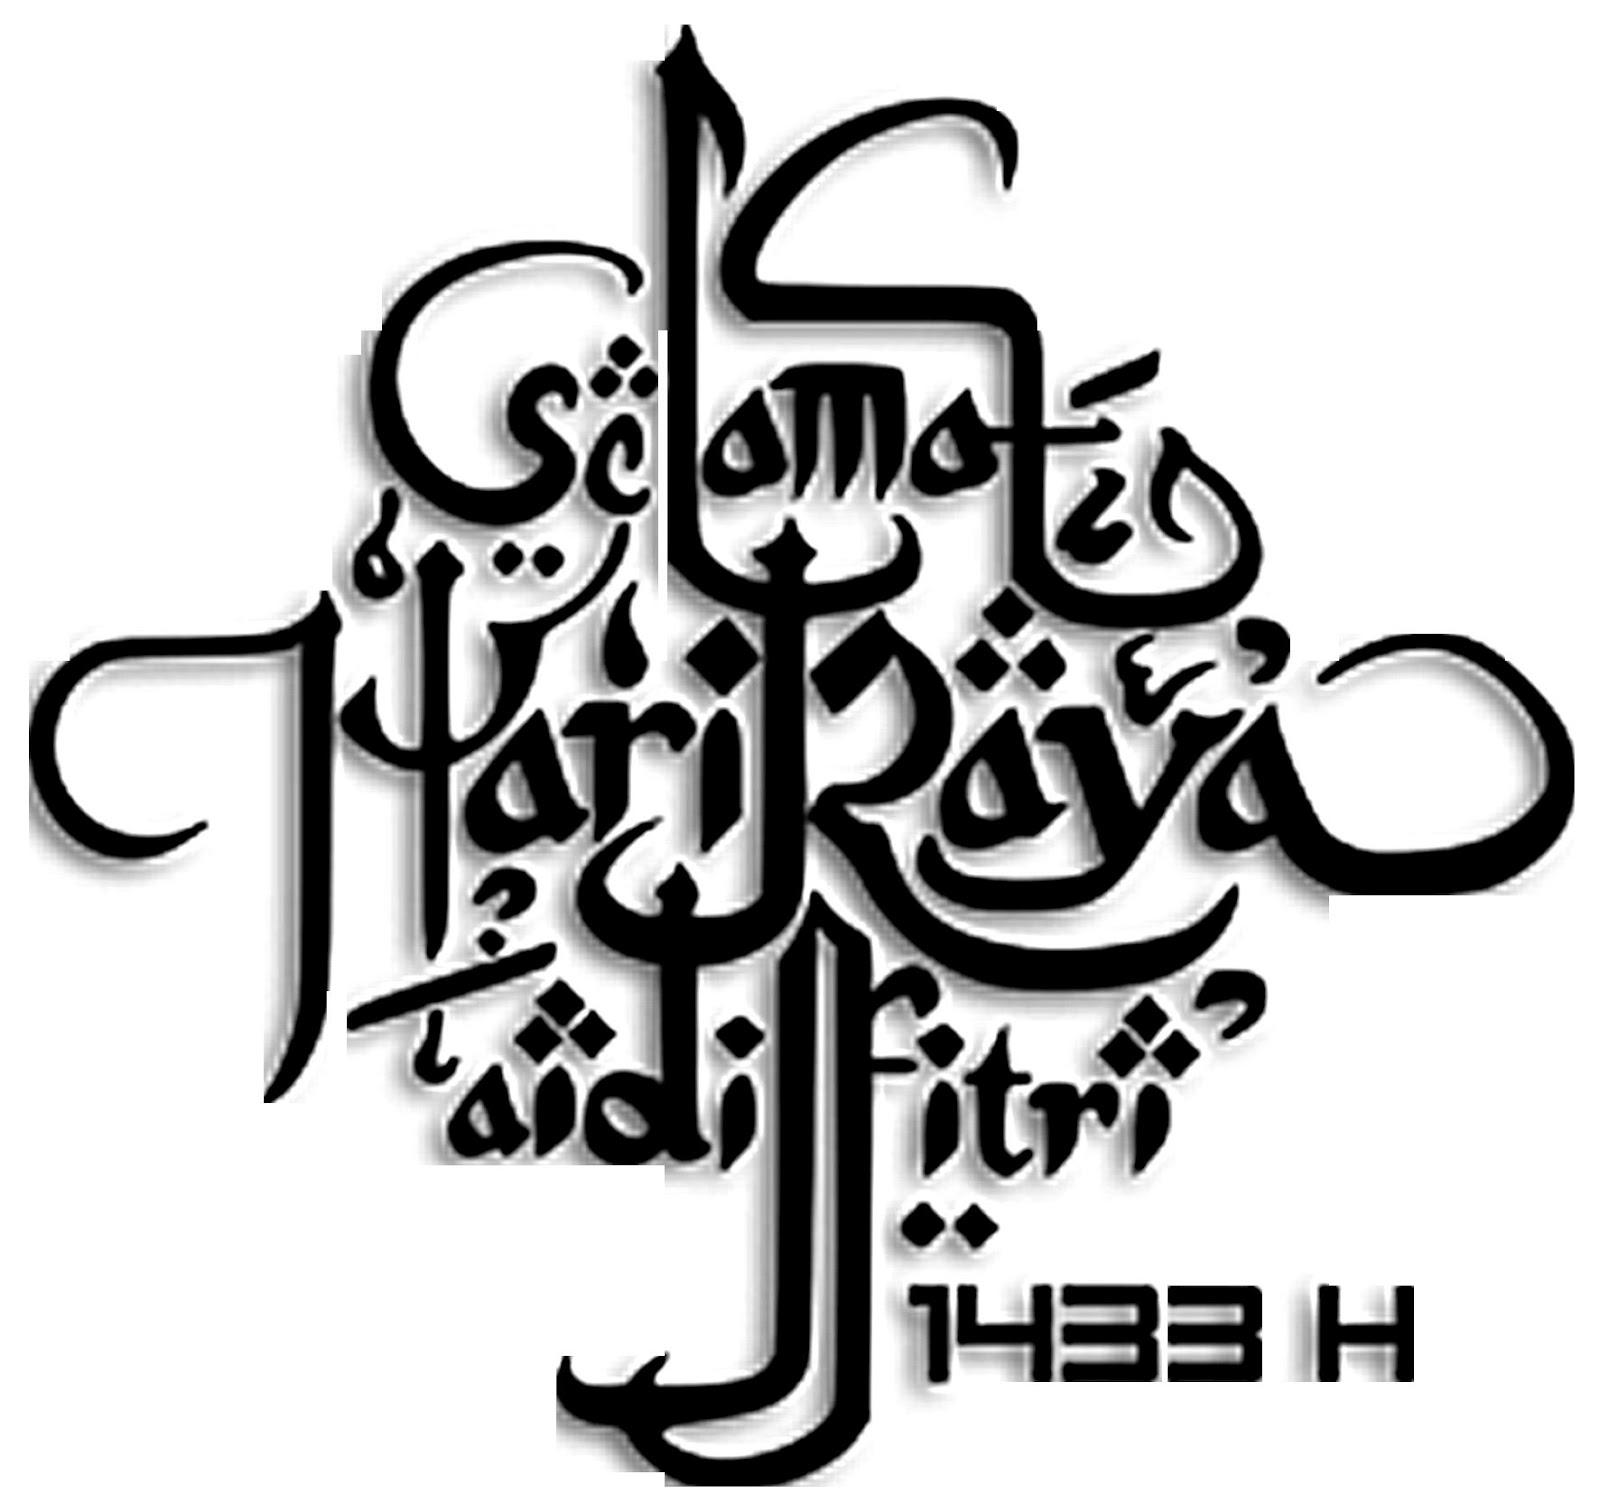 Selamat Hari Raya Idul Fitri: SELAMAT HARI RAYA IDUL FITRI 1433 H